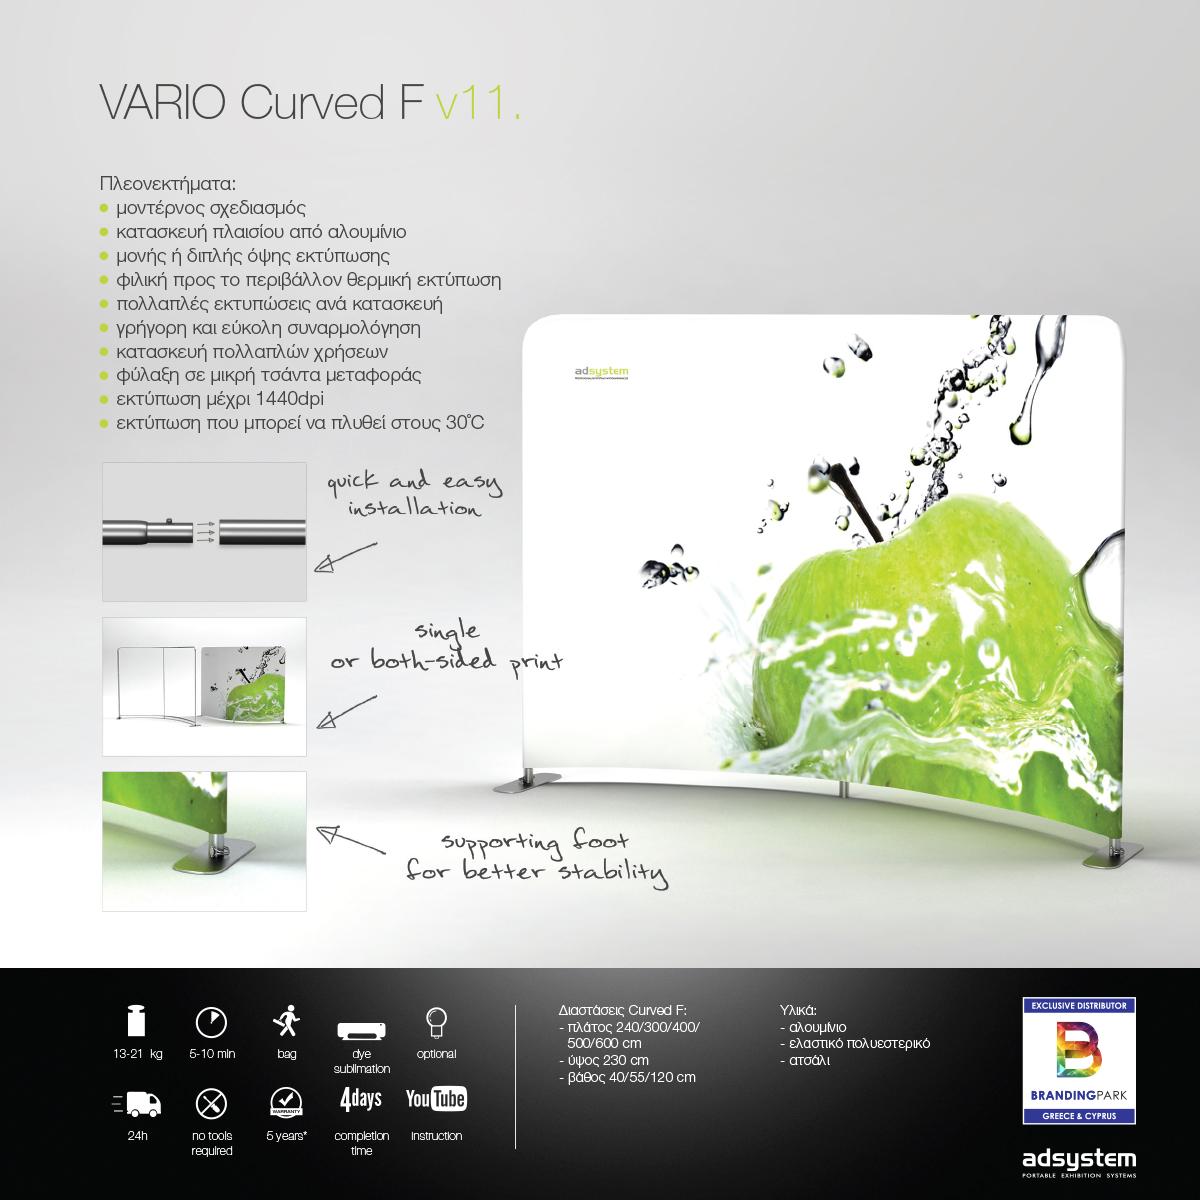 Υφασμάτινος τοίχος προβολής Vario Curved F v11